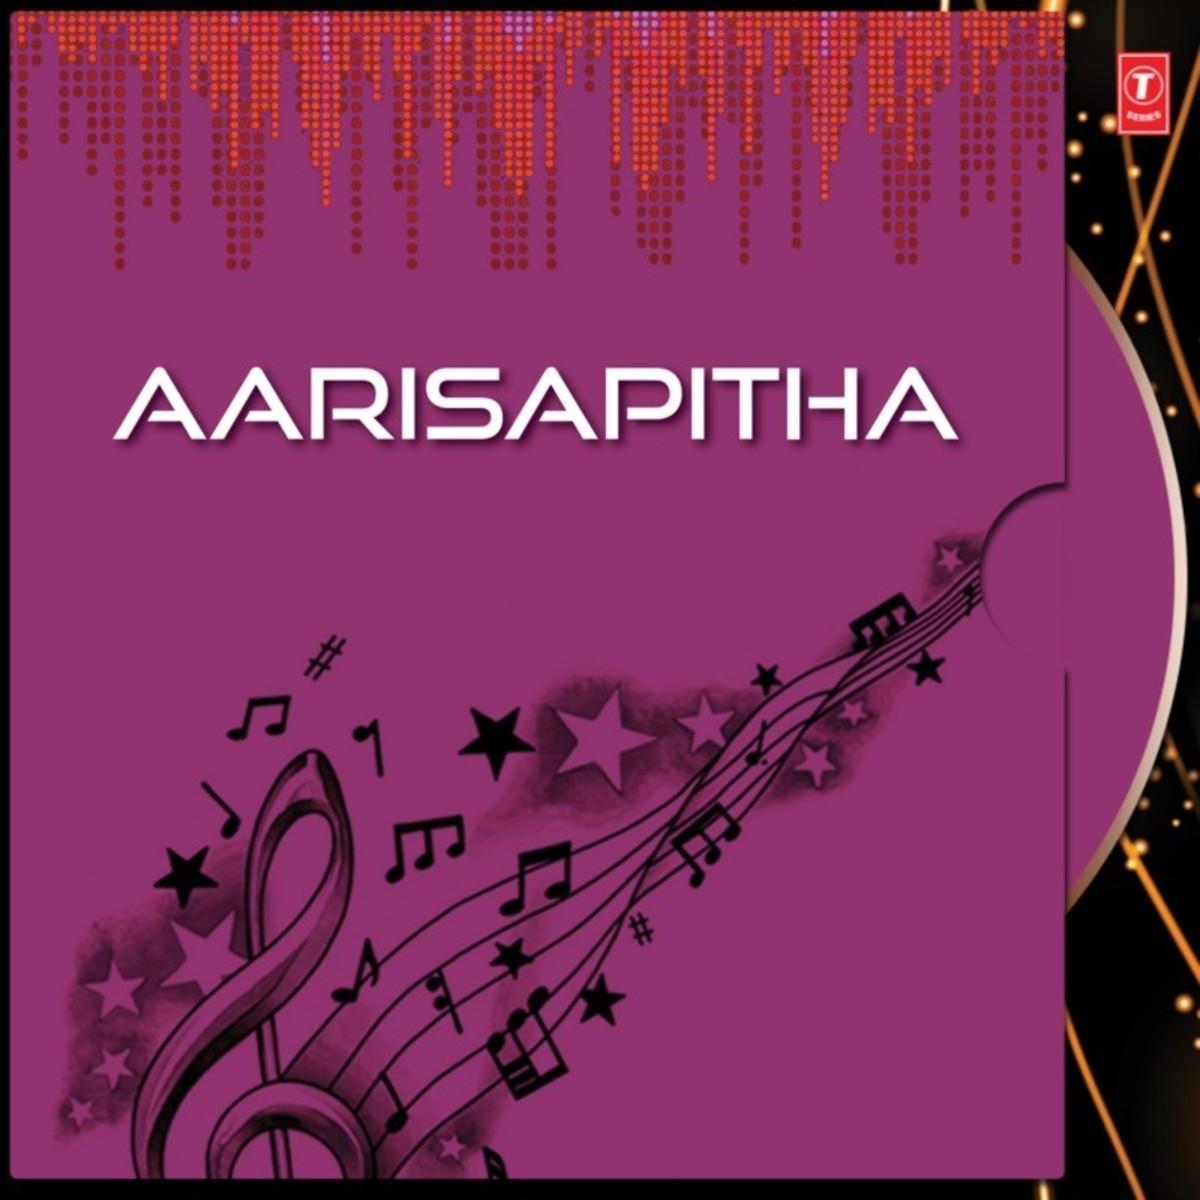 Pitha Re Pitha (Neela Mohanty, Geeta Das)